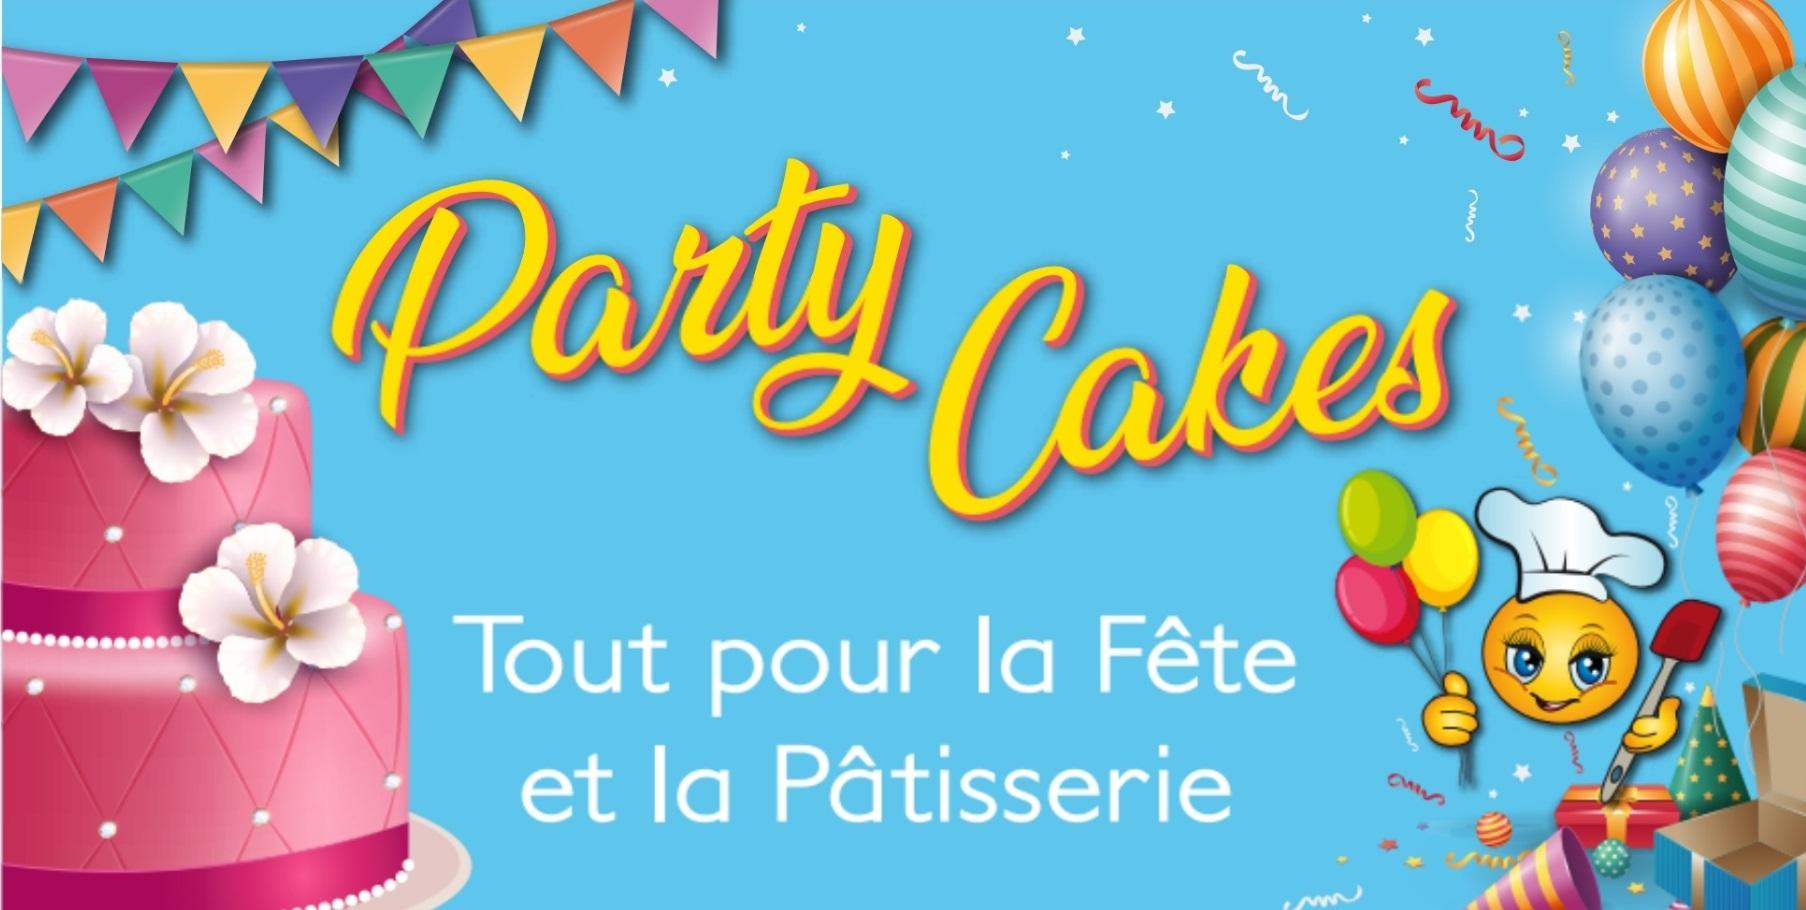 Lot C – 250 m² : PARTY CAKES